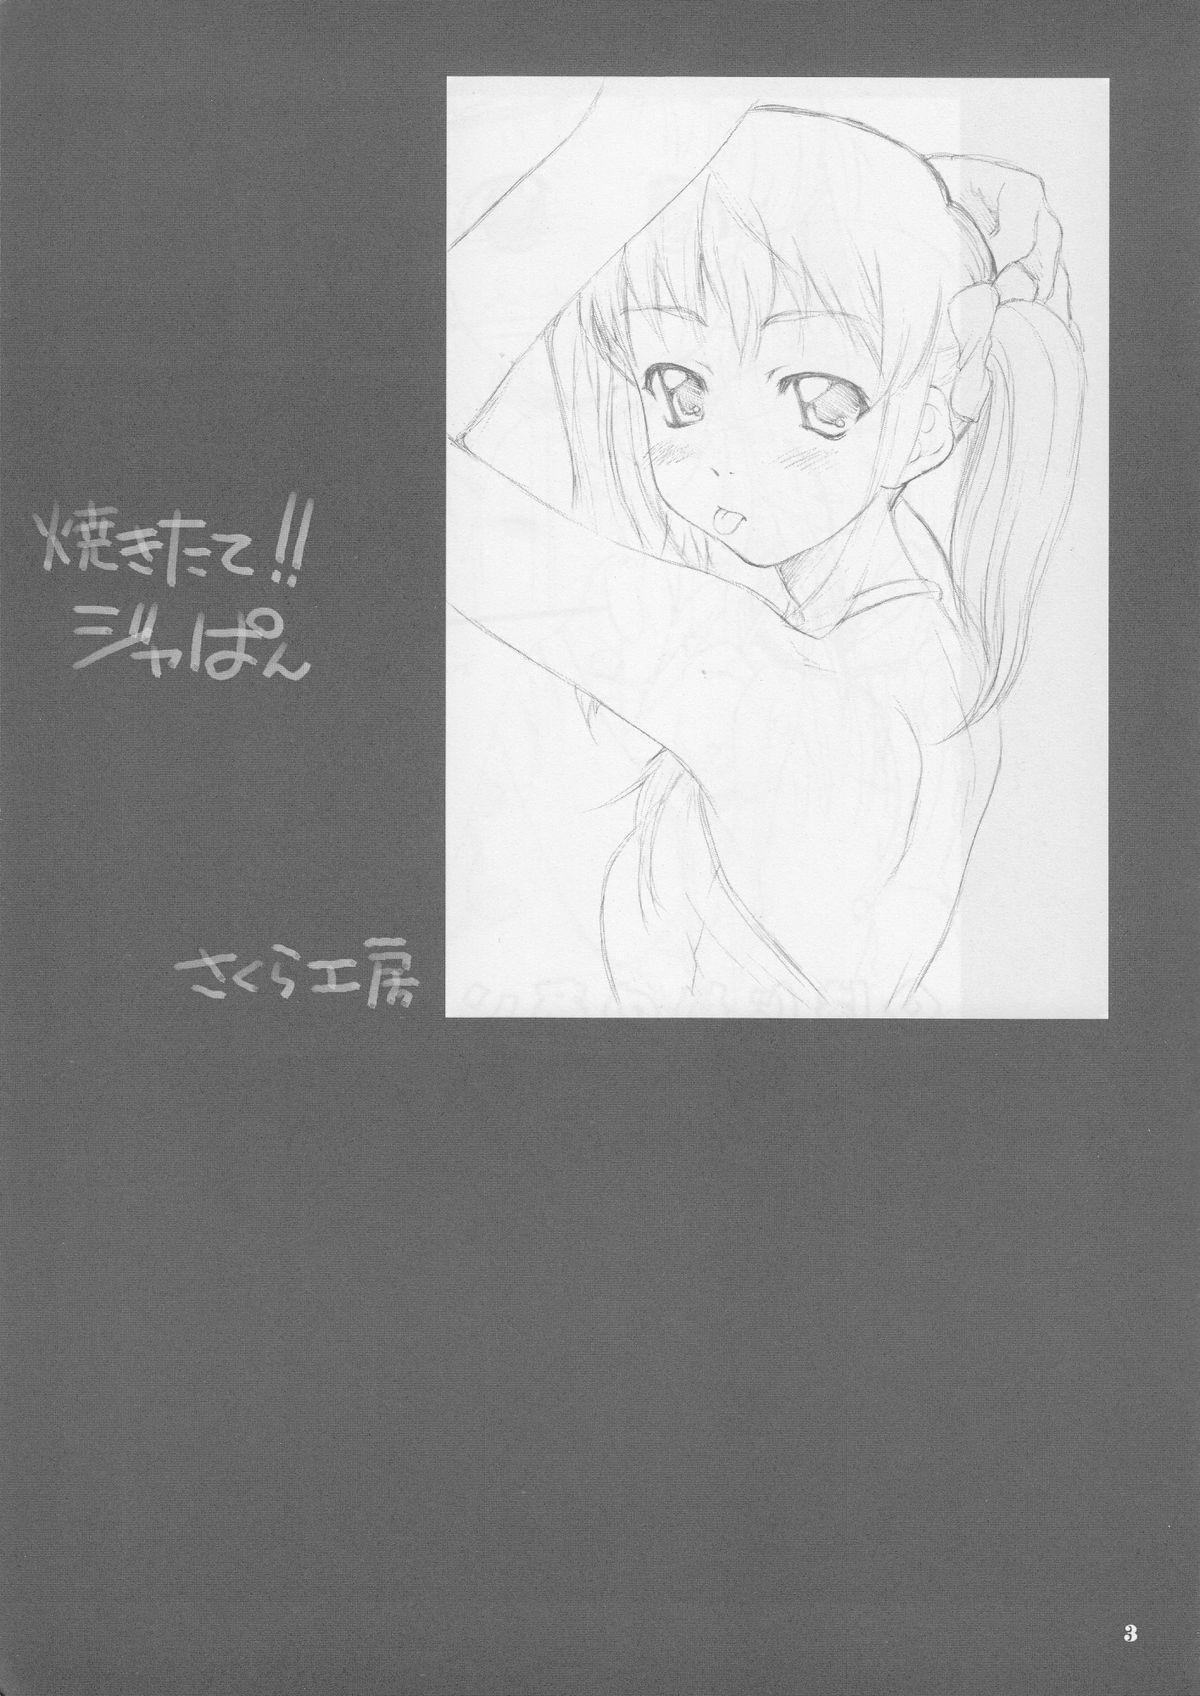 Tsuki no hikari 3